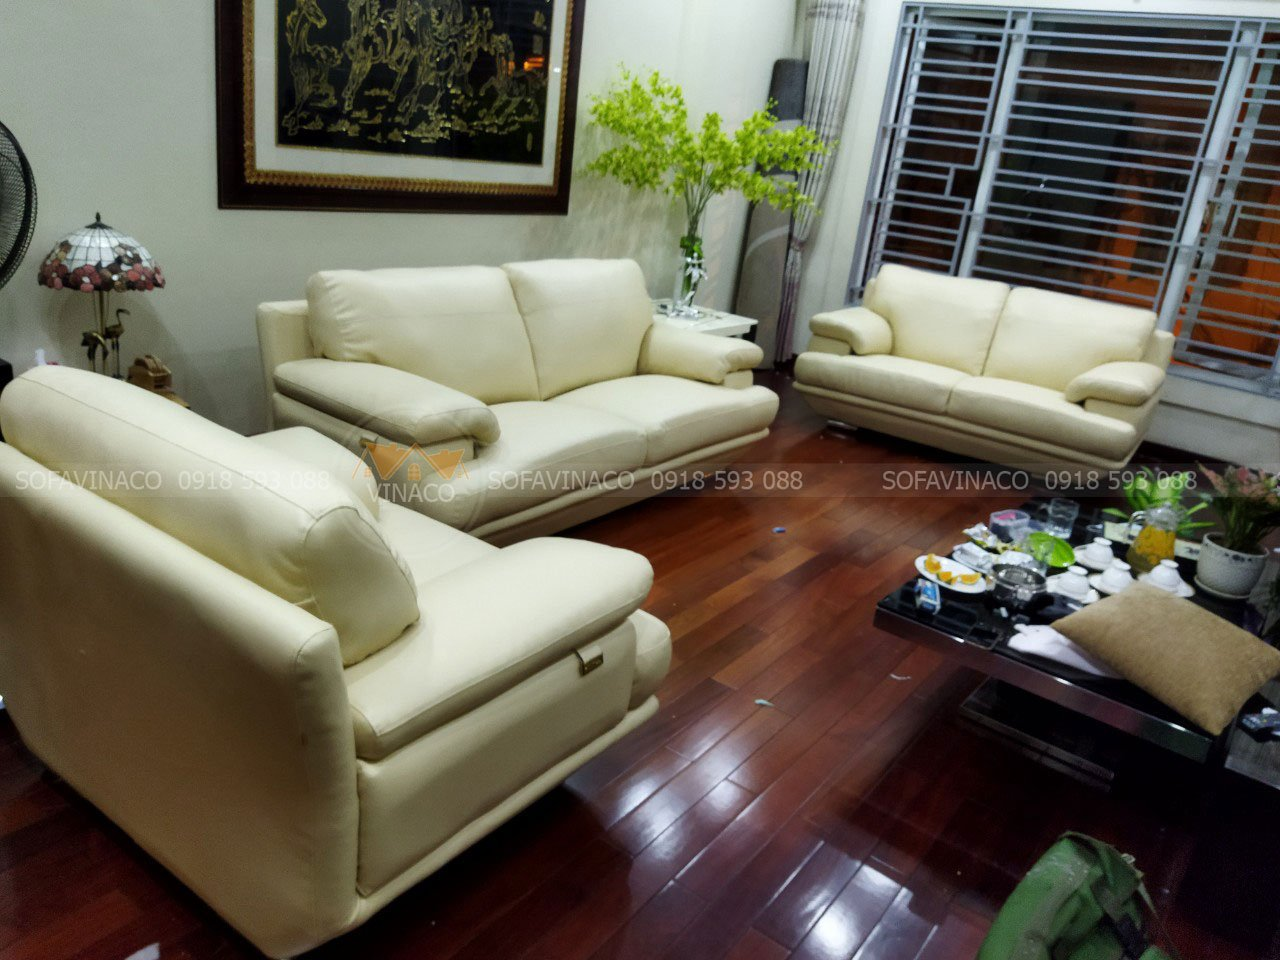 Cách tìm ghế sofa tốt nhất cho không gian của bạn